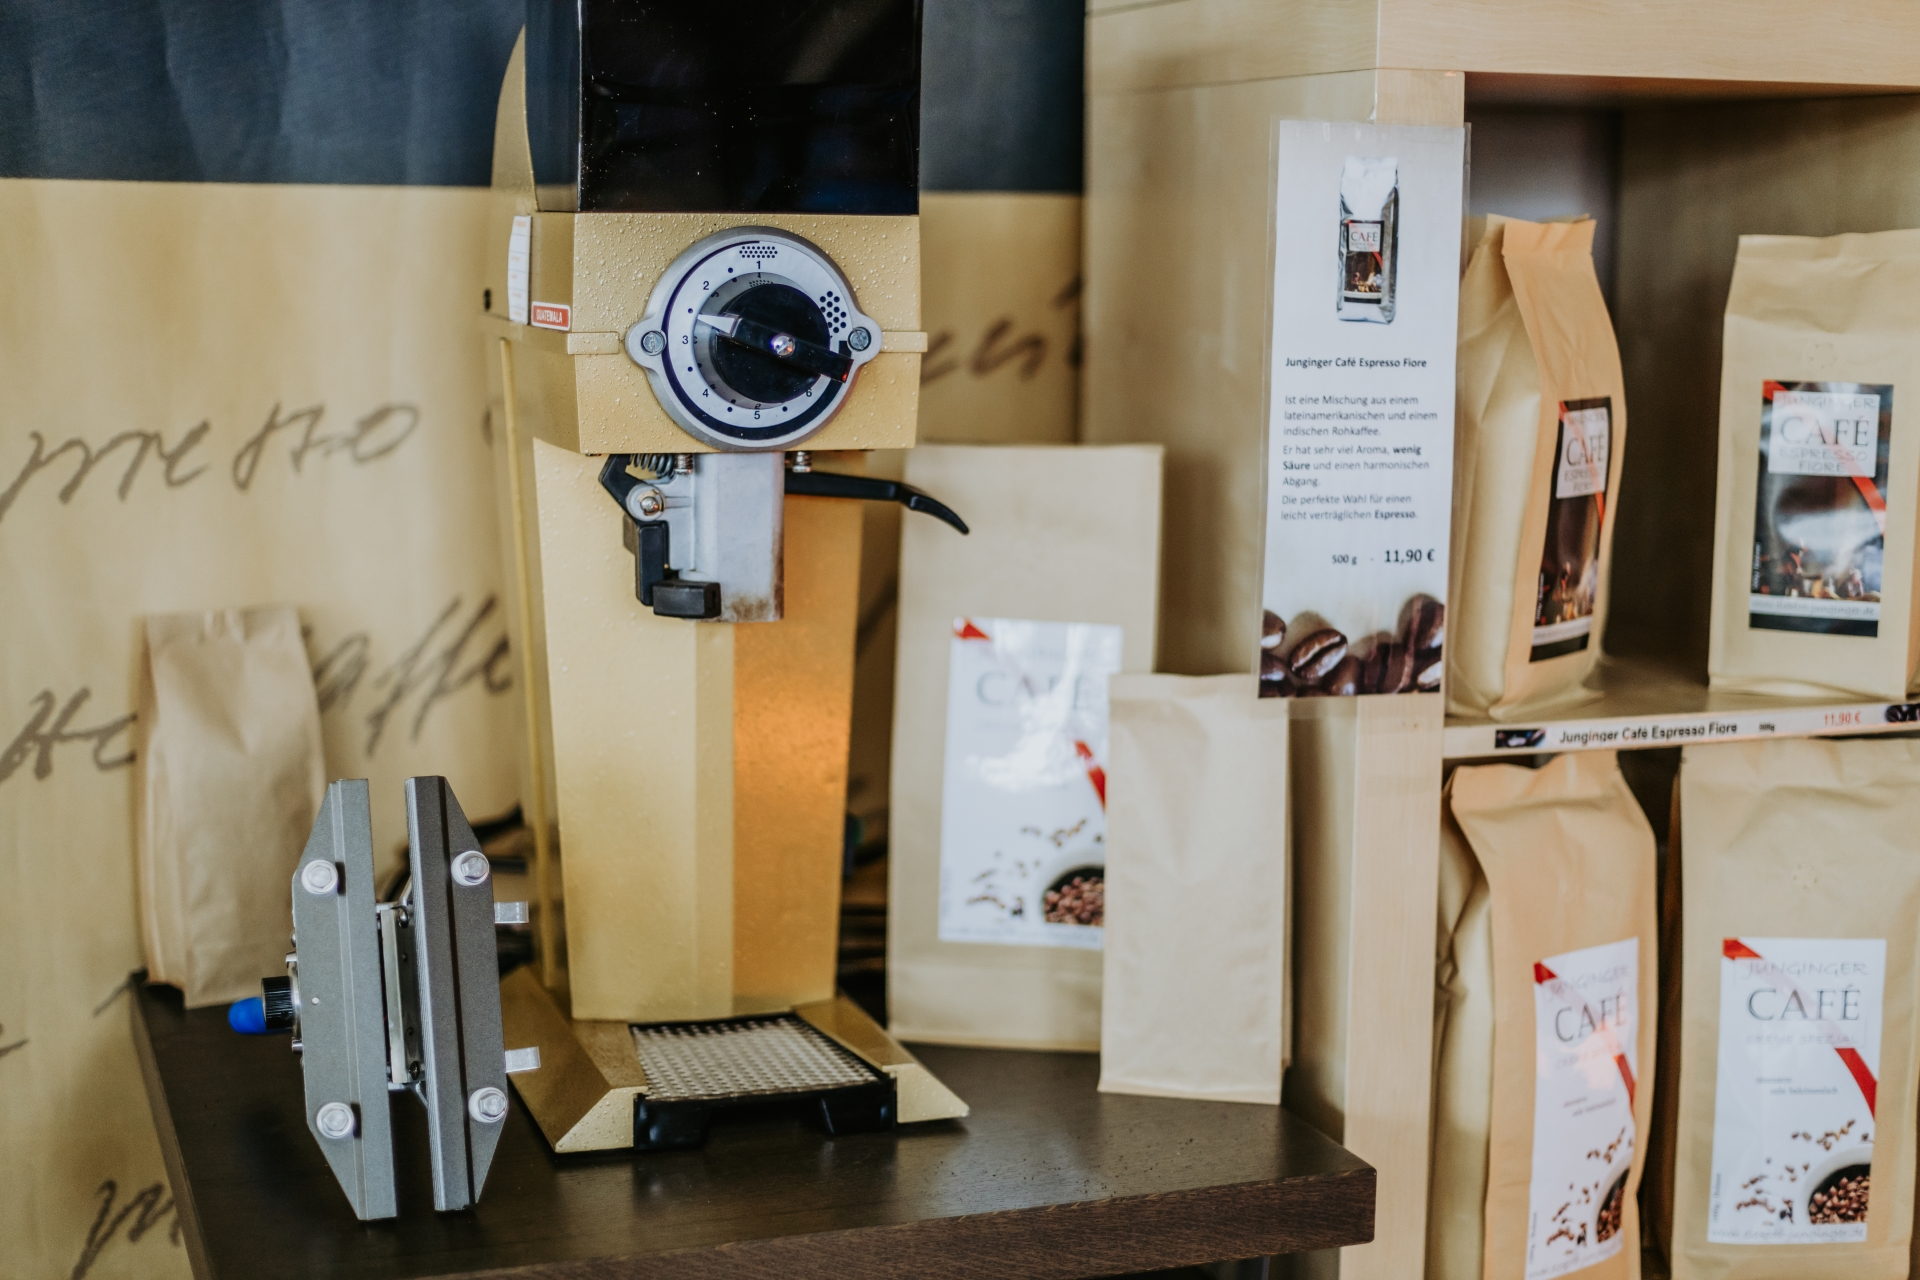 Ausstellung. Unsere Kaffeemühle. Leckeren Kaffee auch gemahlen für Ihre Kaffeemaschine.